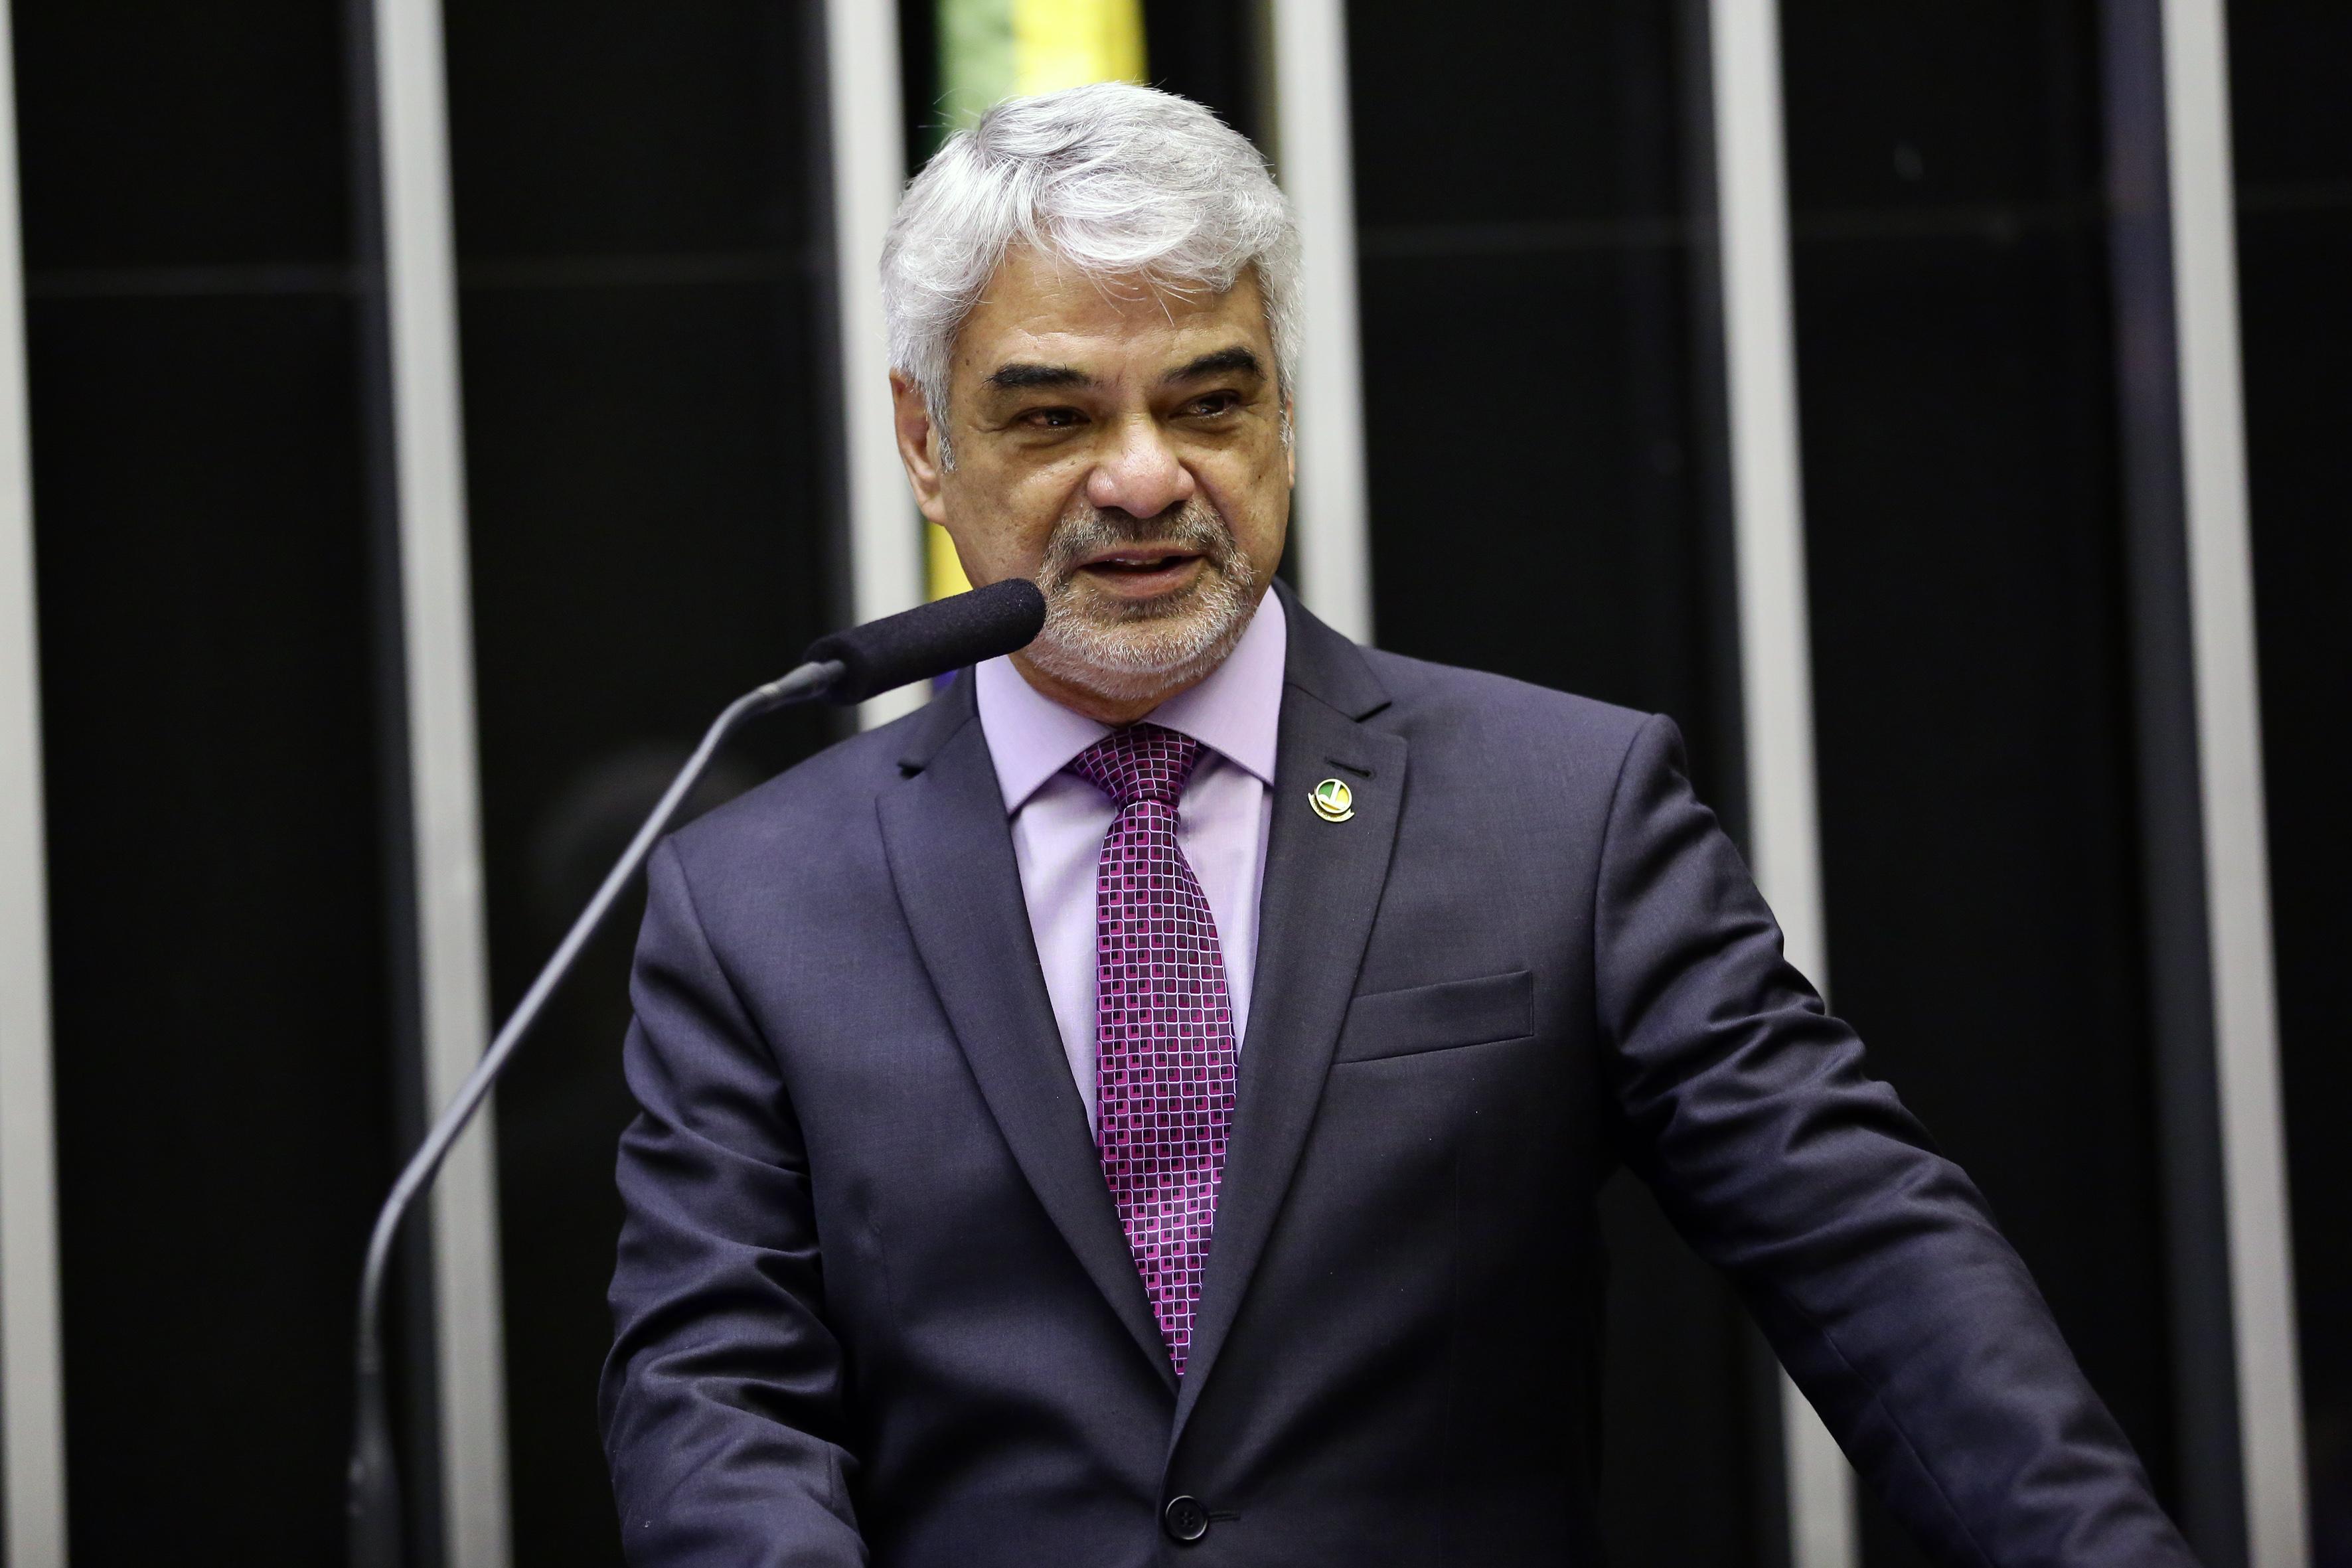 Homenagem ao Centenário do Jornal do Commercio de Pernambuco. Senador Humberto Costa